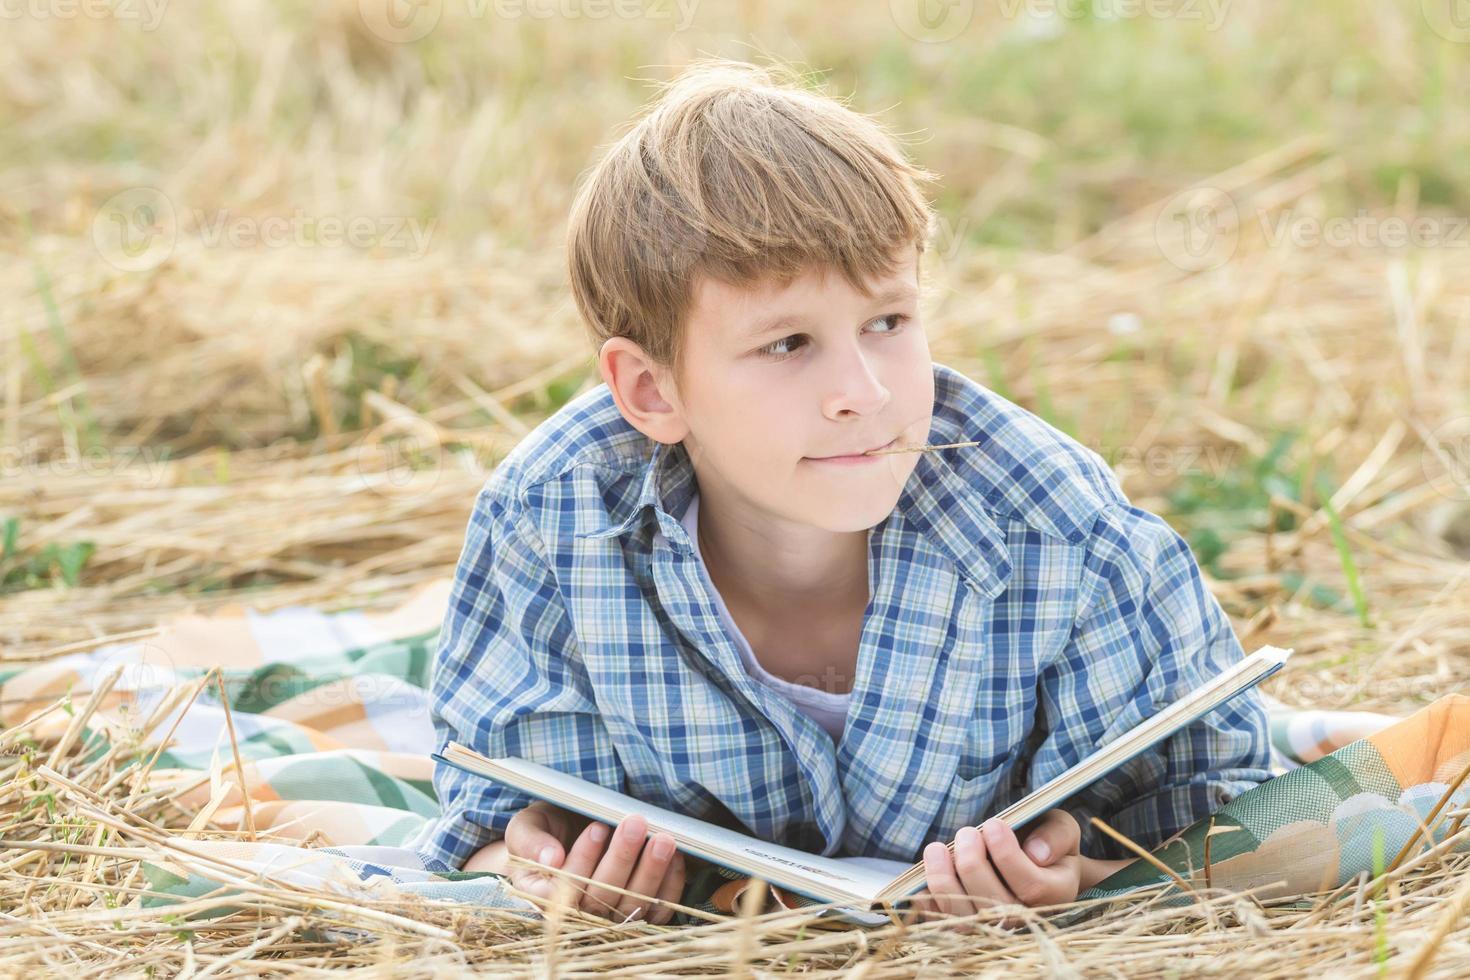 tonårspojke drömmer läsebok foto